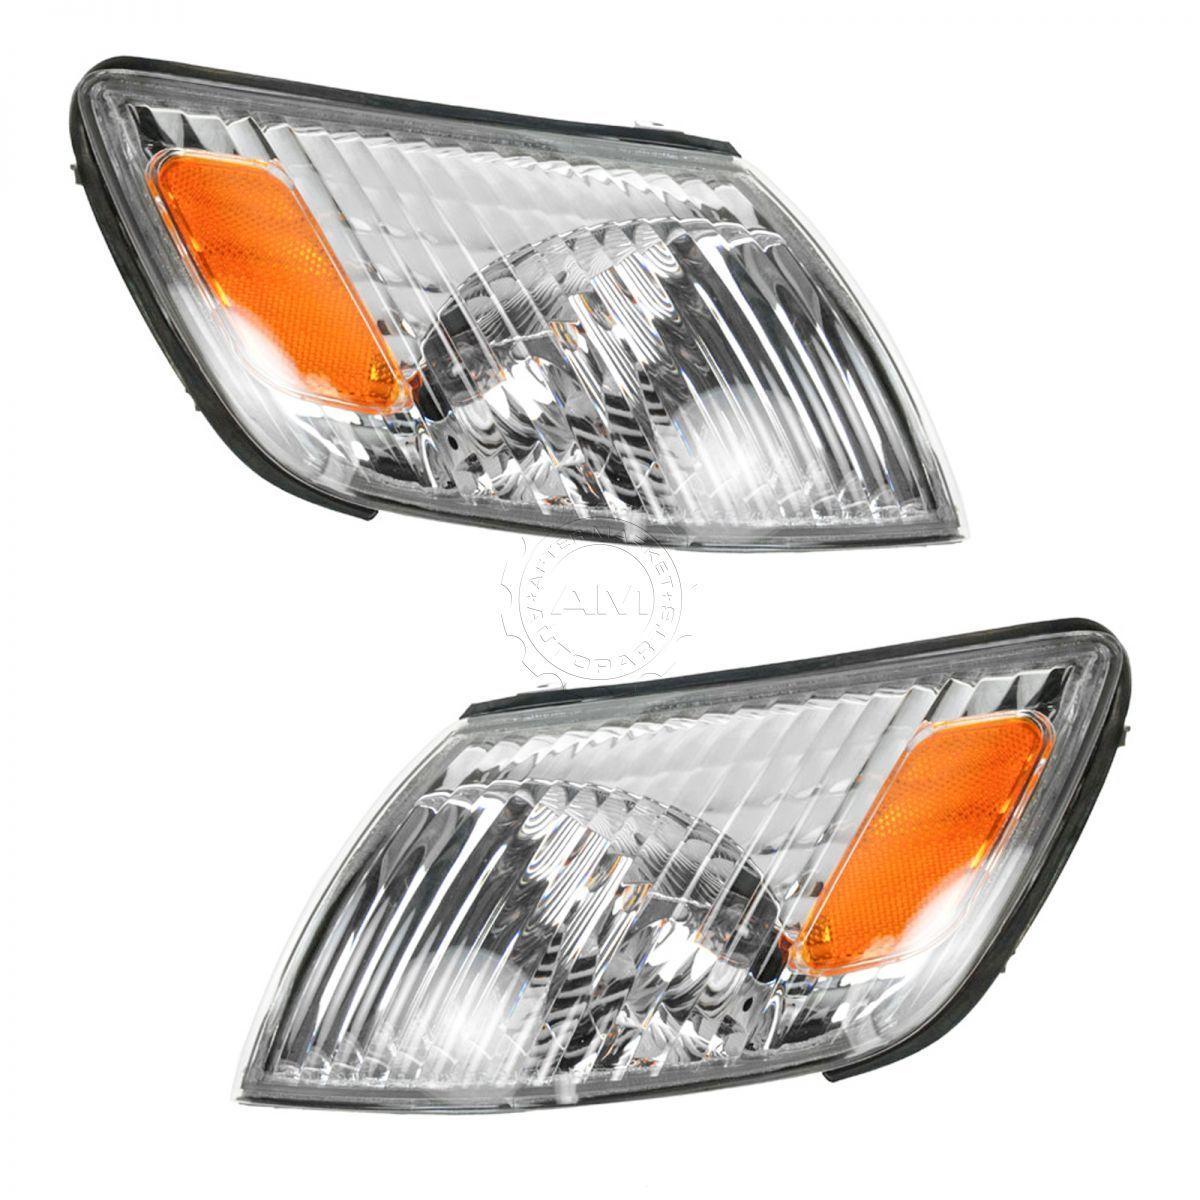 コーナーライト Corner Parking Marker Light Lamp Pair Set Kit LH & RH for 00-01 Lexus ES300 コーナーパーキングマーカライトランプペアセットキットLH& 00?01レクサスES300のRH